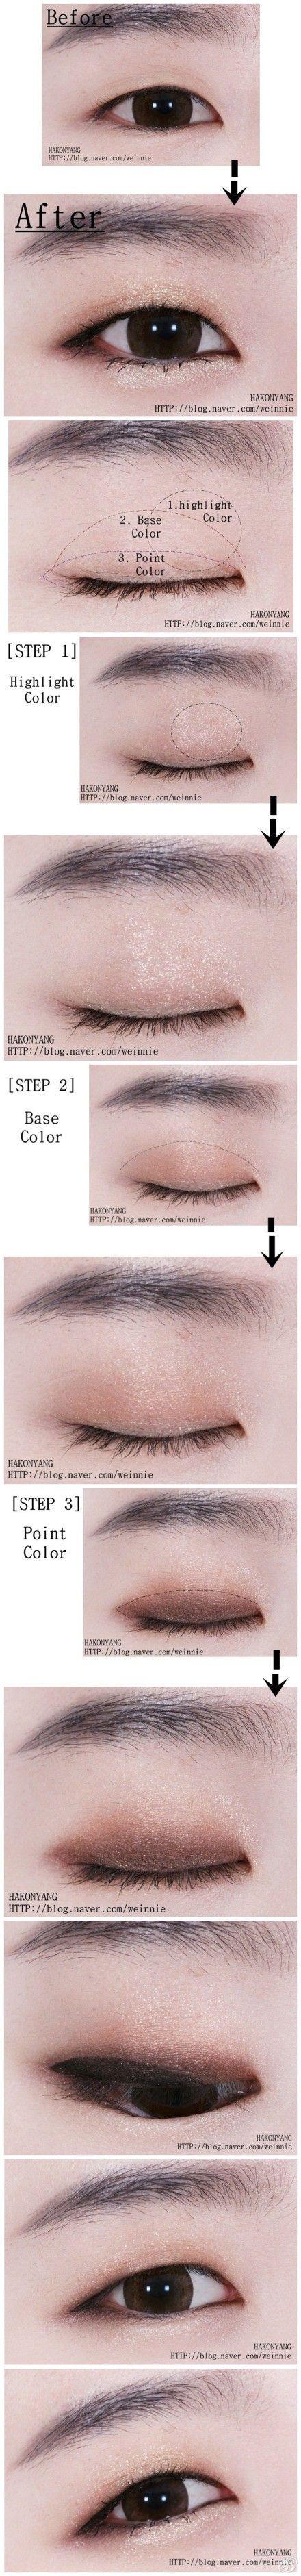 适合单眼皮和内双的MM们。【新手眼妆指南】适合单眼皮和内双的MM们。颜色选择淡粉色、裸色和橘色系都可以。